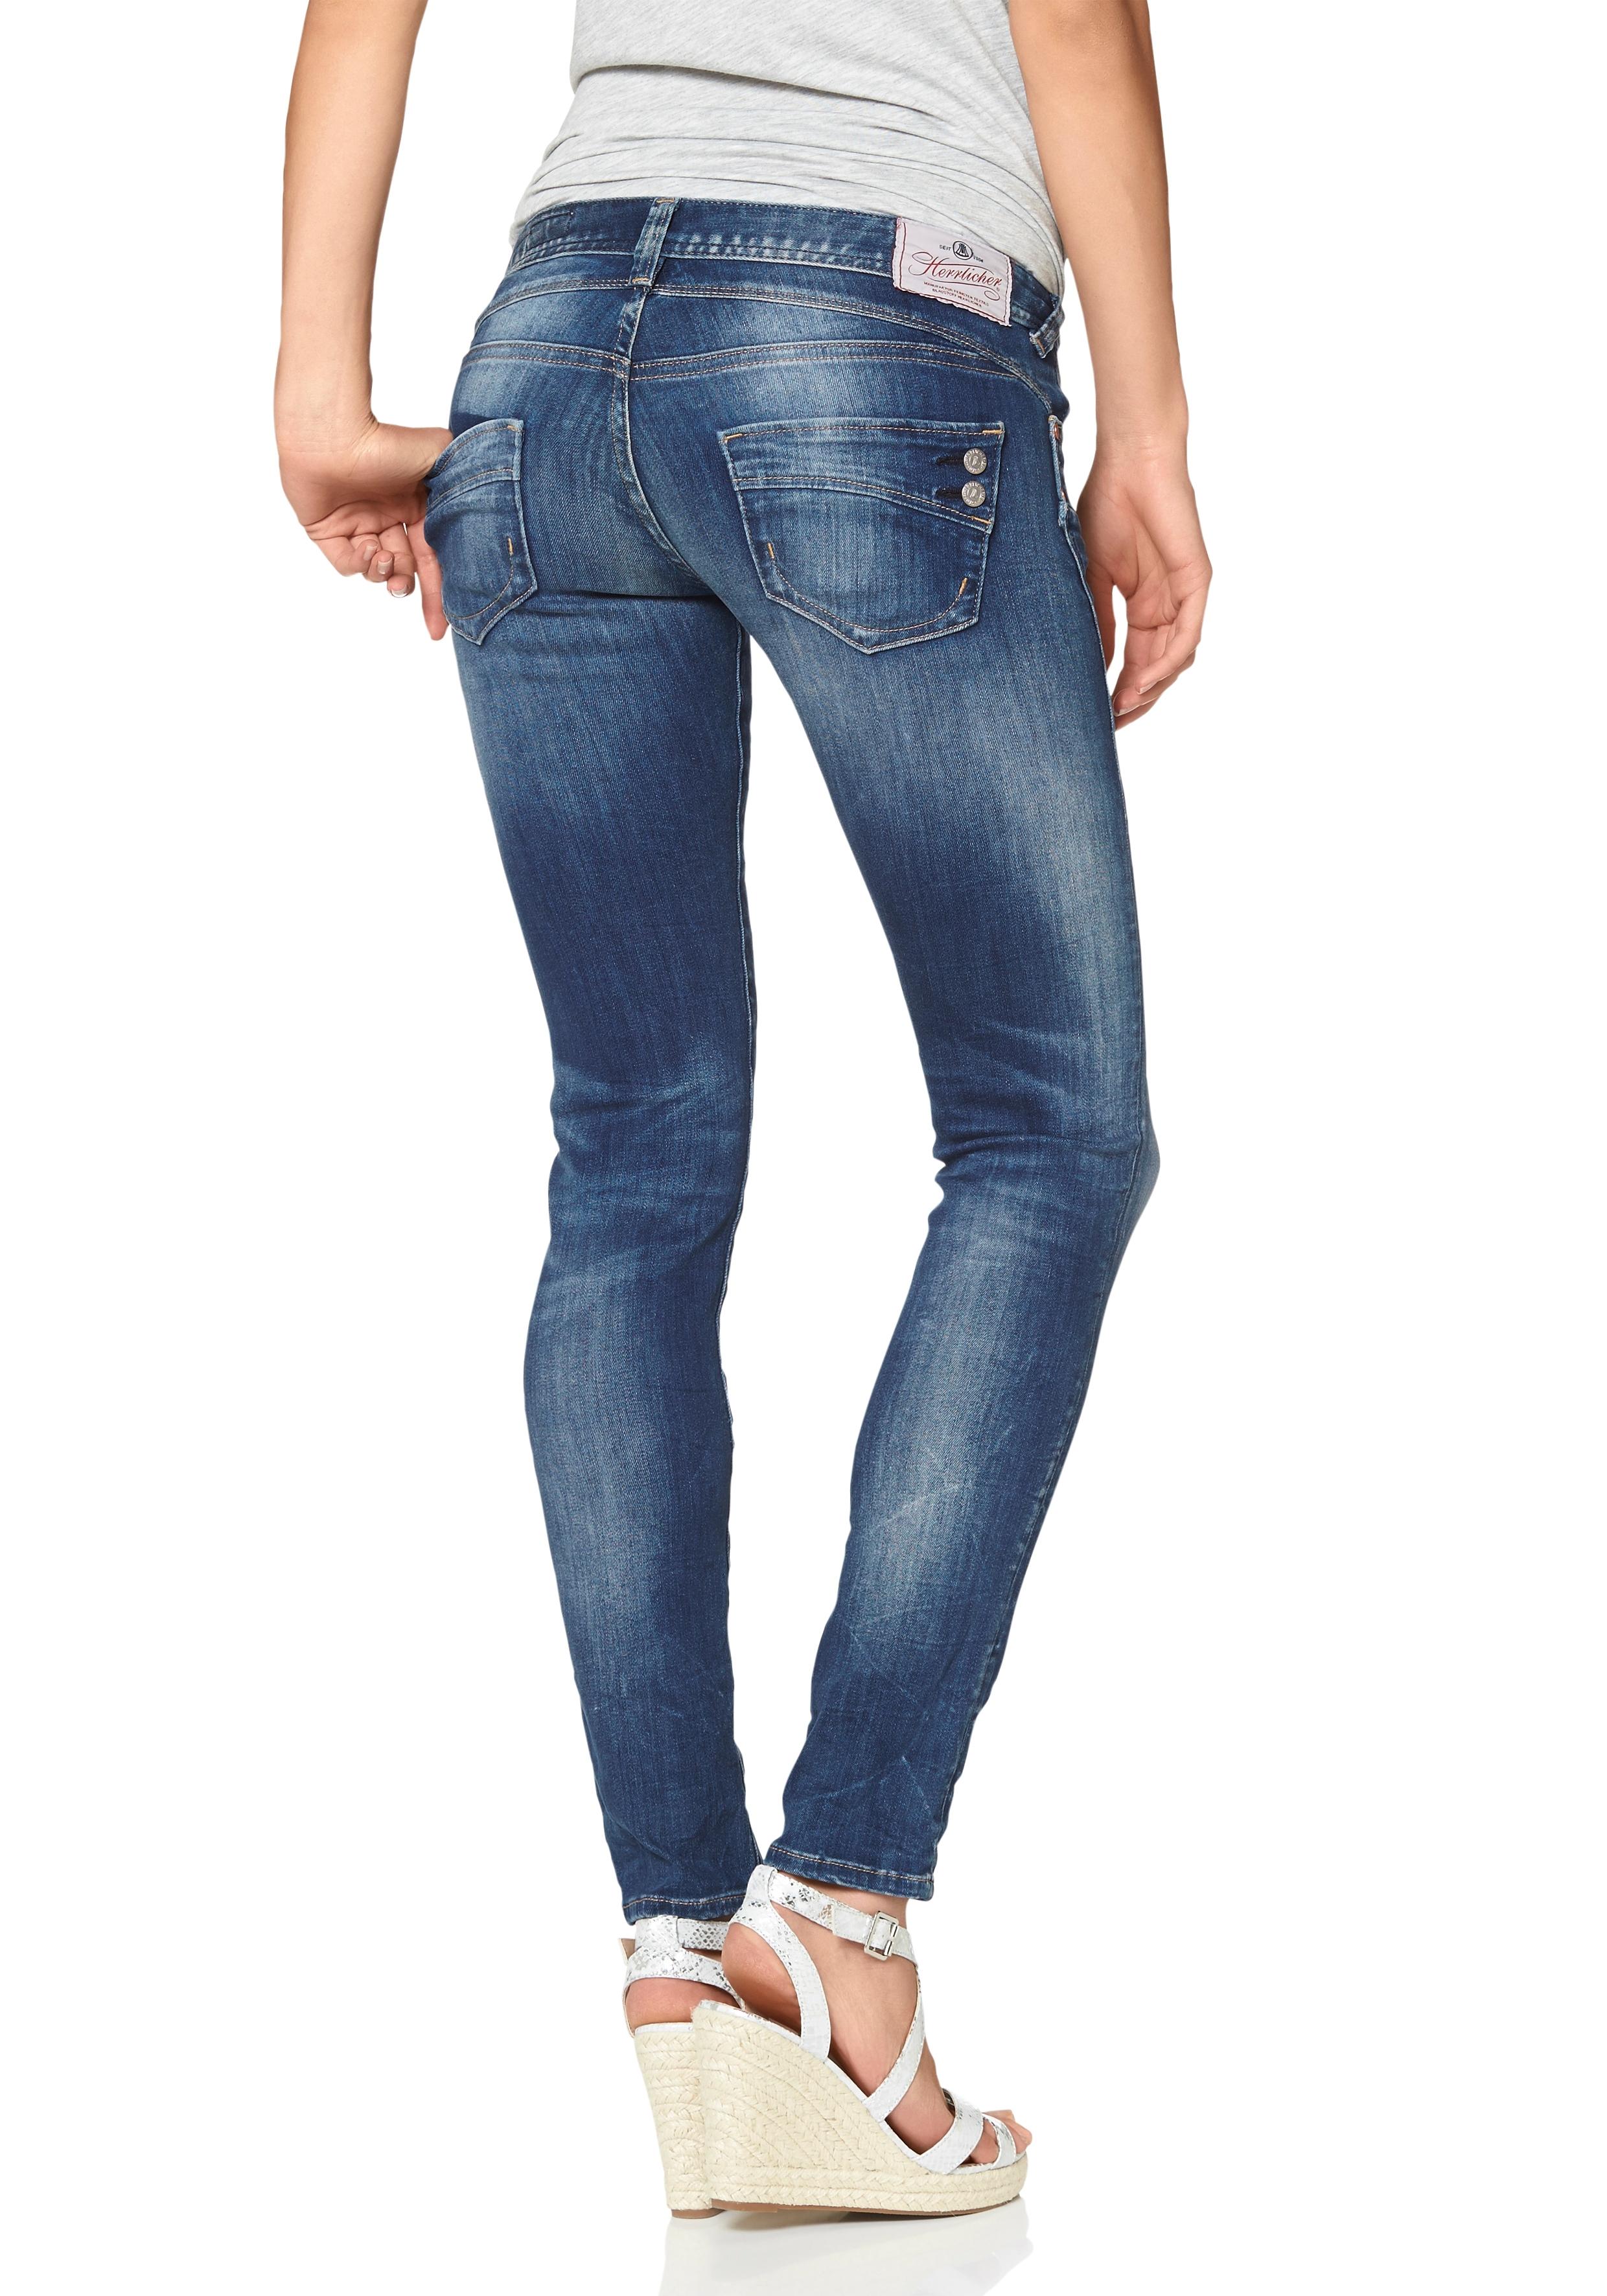 Herrlicher slim fit jeans »PIPER SLIM« bestellen: 30 dagen bedenktijd